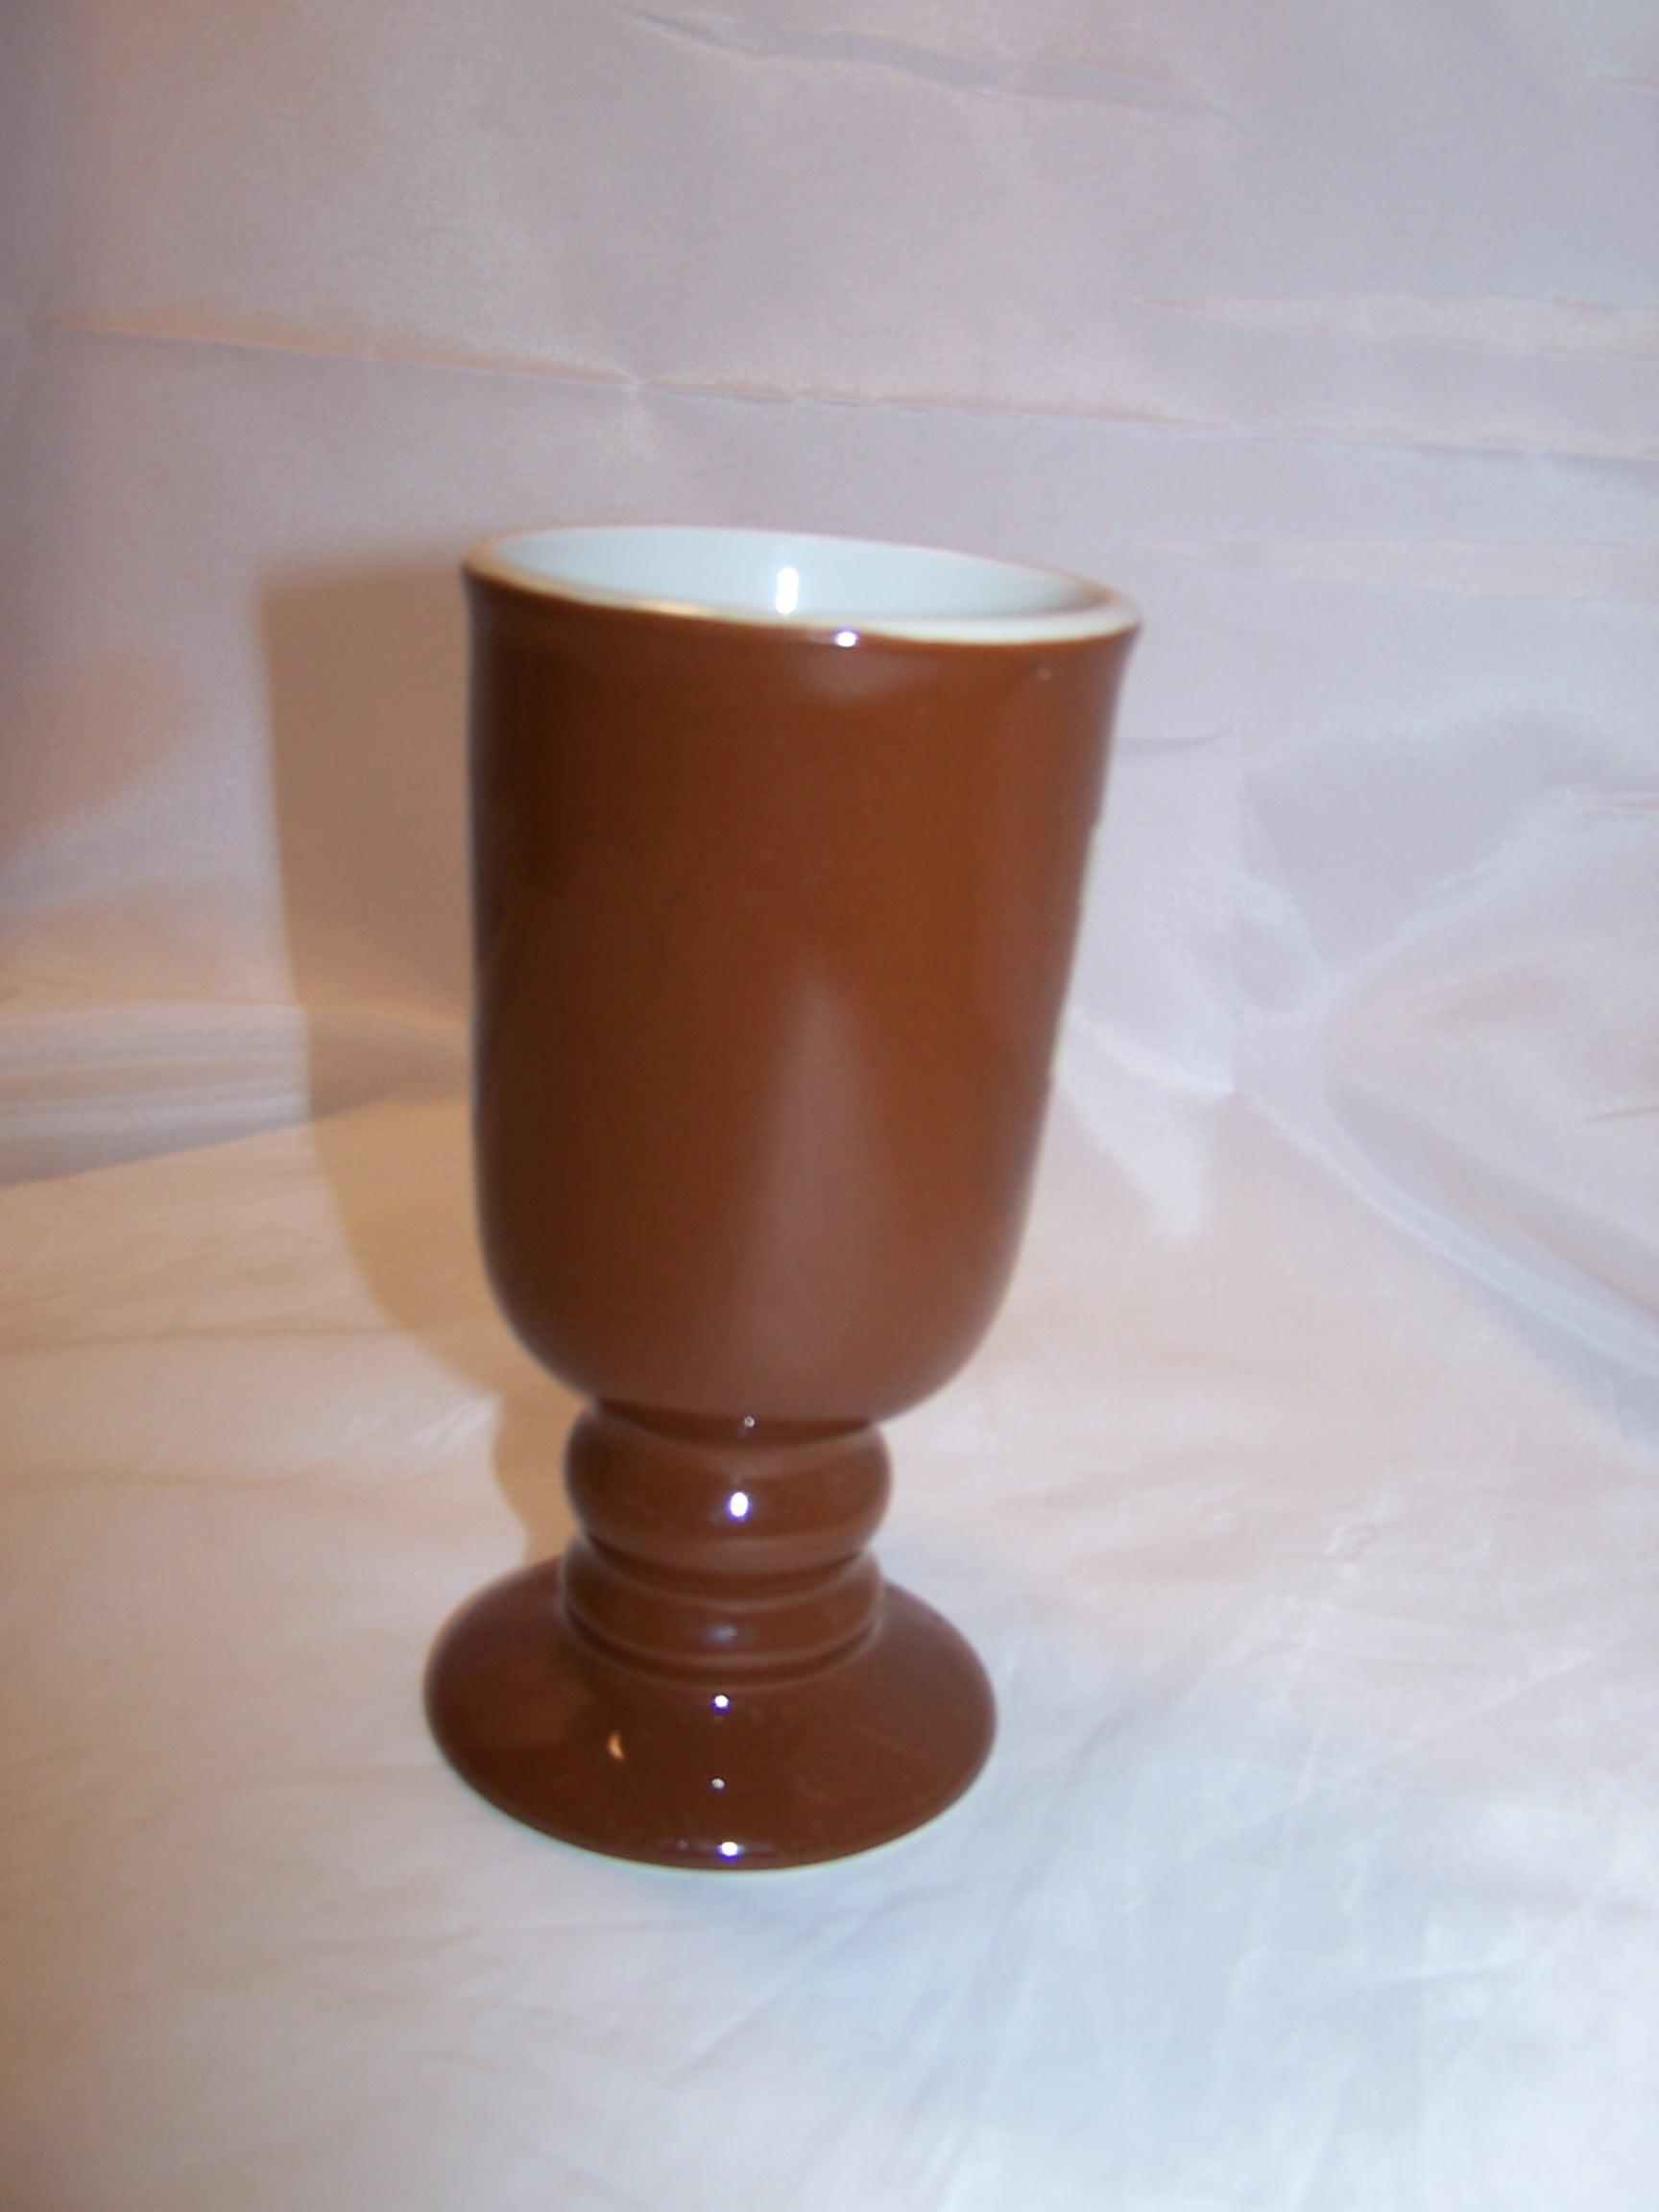 Image 3 of Art Modell Mug, The Pewter Mug